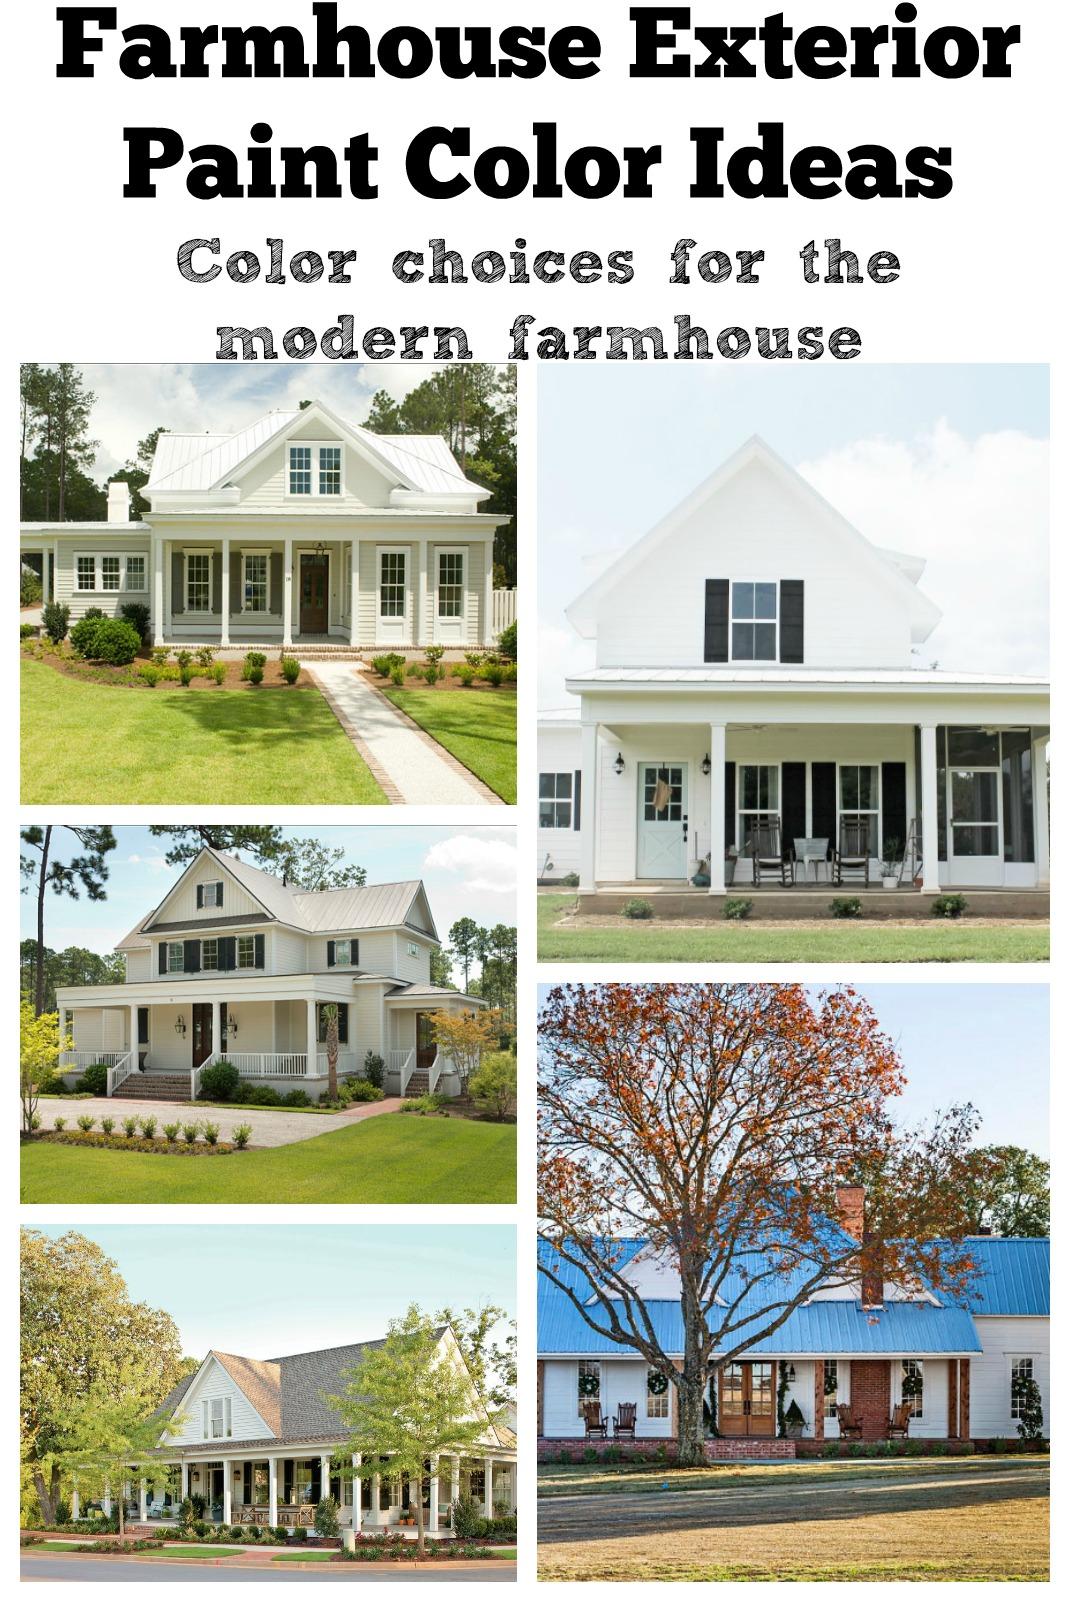 Farmhouse Exterior Paint Color Ideas. Exterior Color Choices for the ... for Vintage Farmhouse Exterior  67qdu